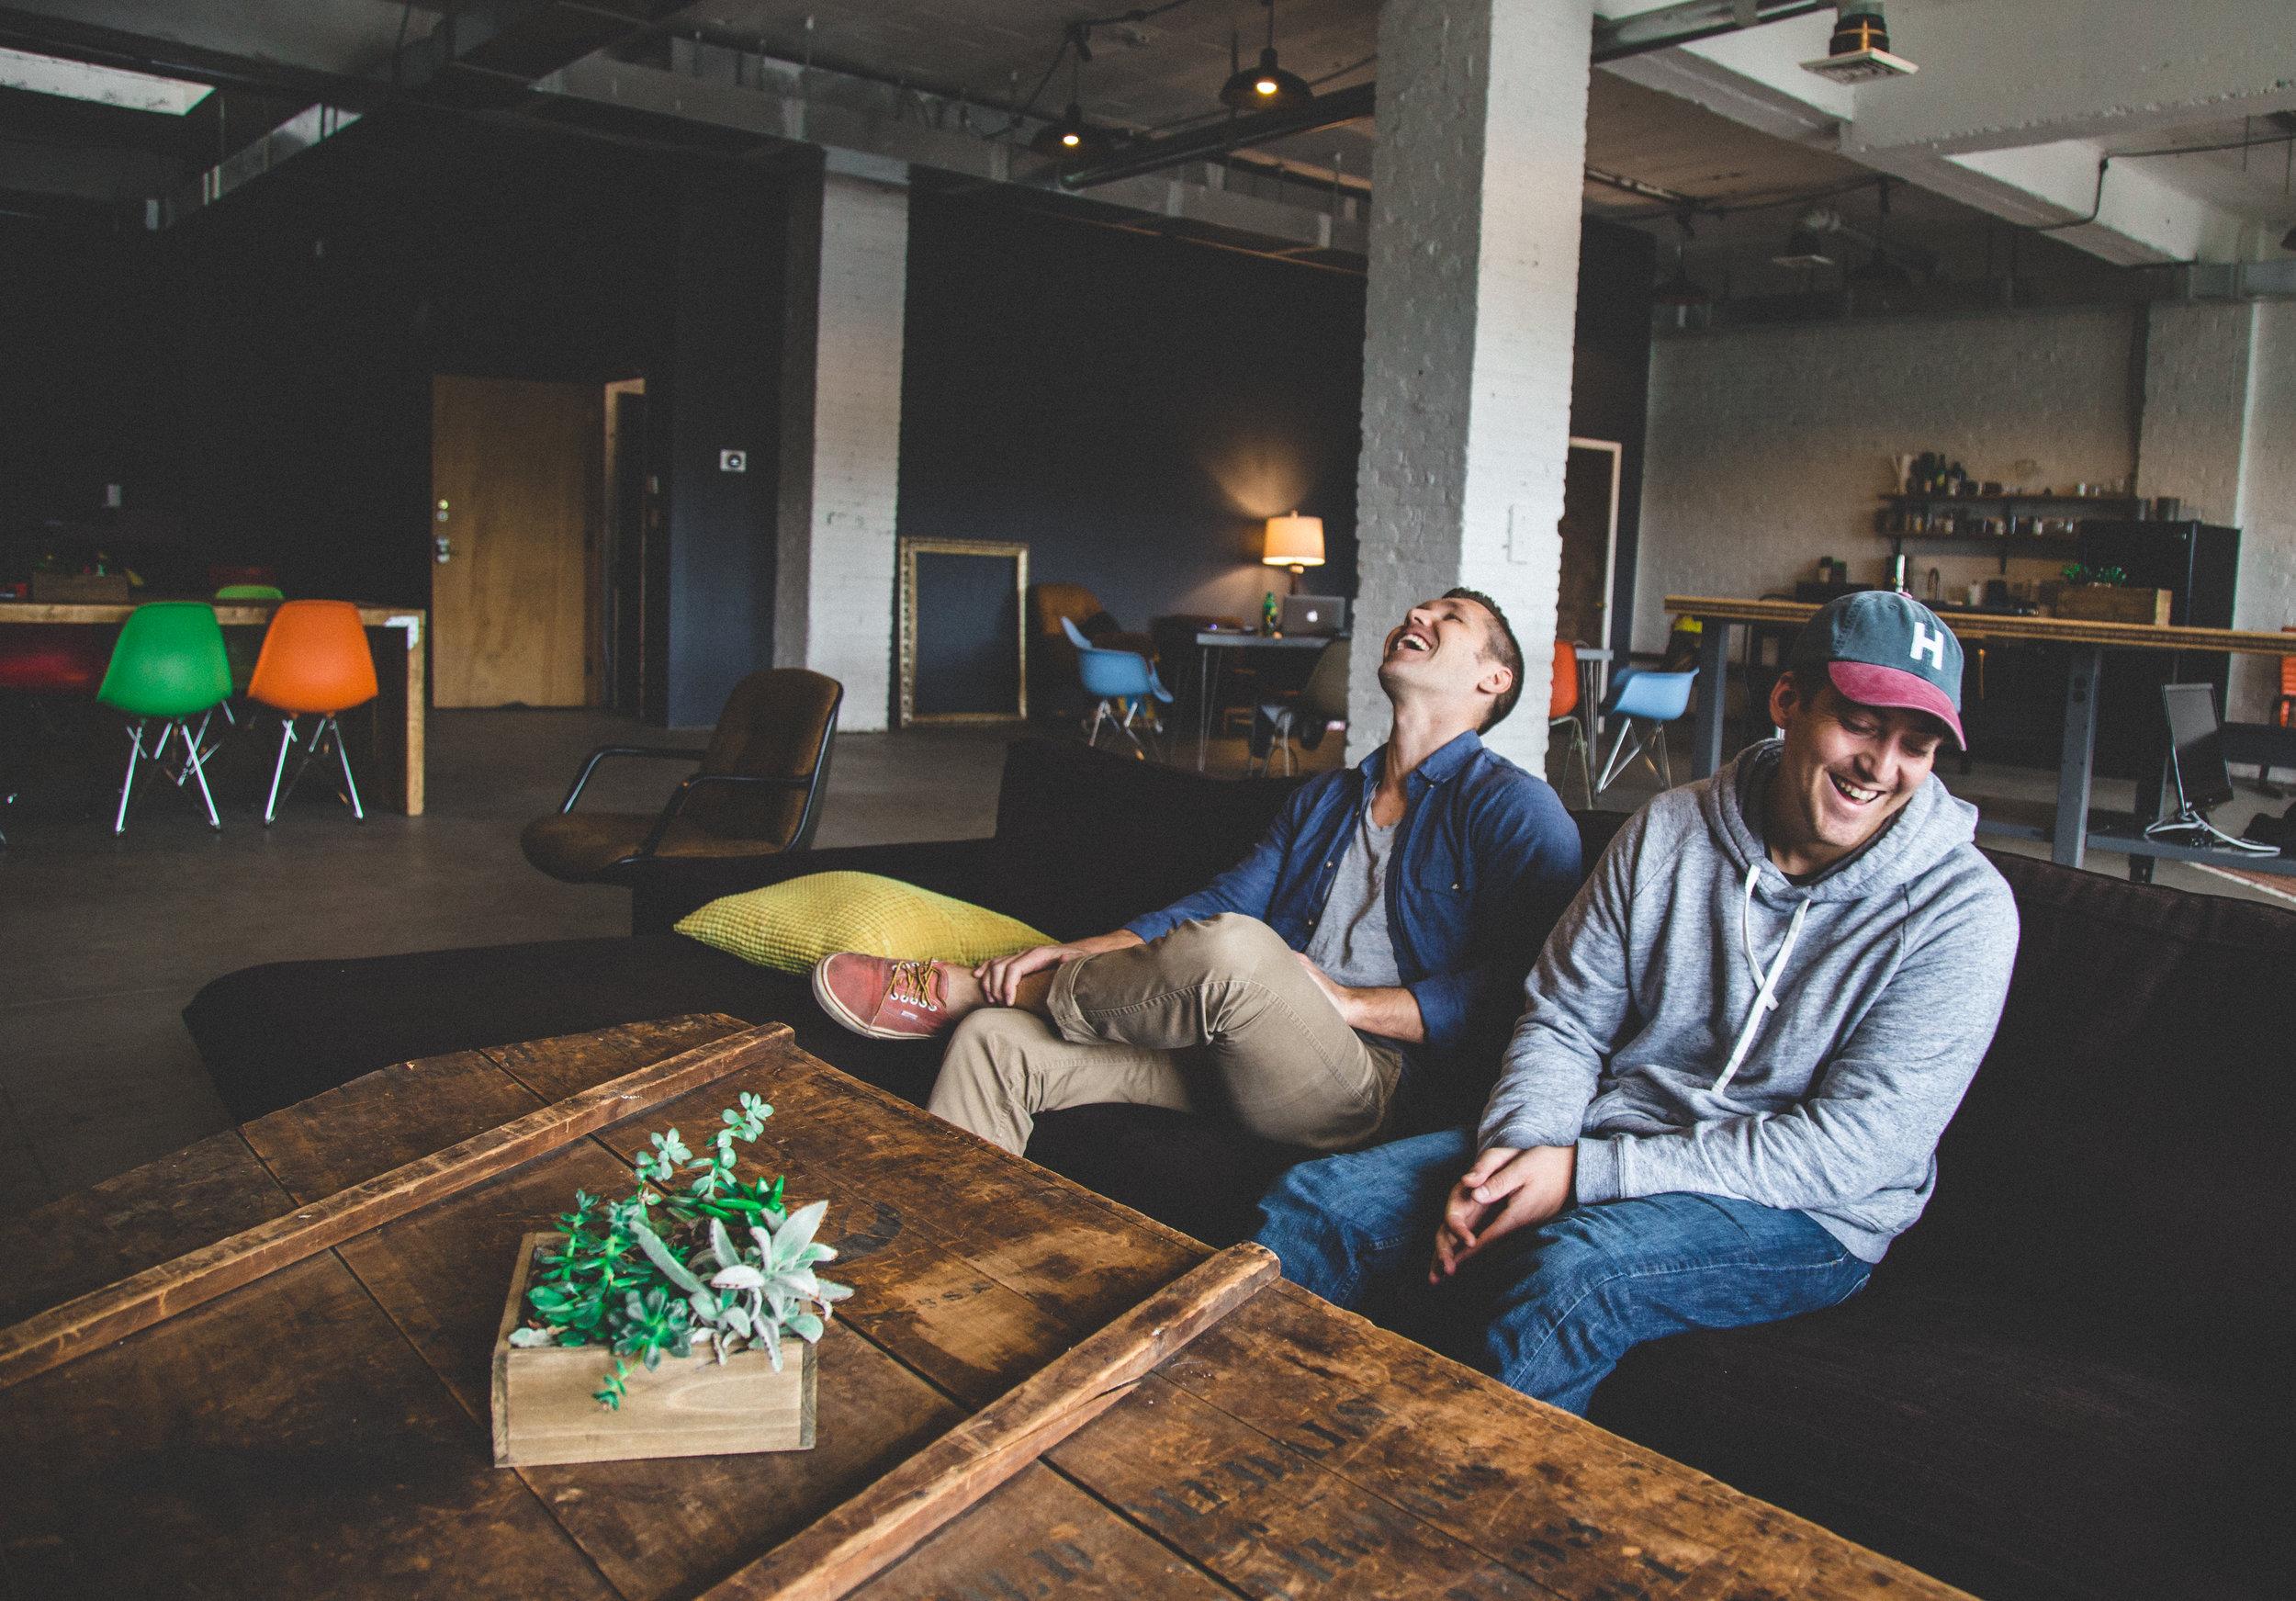 Adam Kunes & Ben Petchel: The guys behind Have Fun Do Good